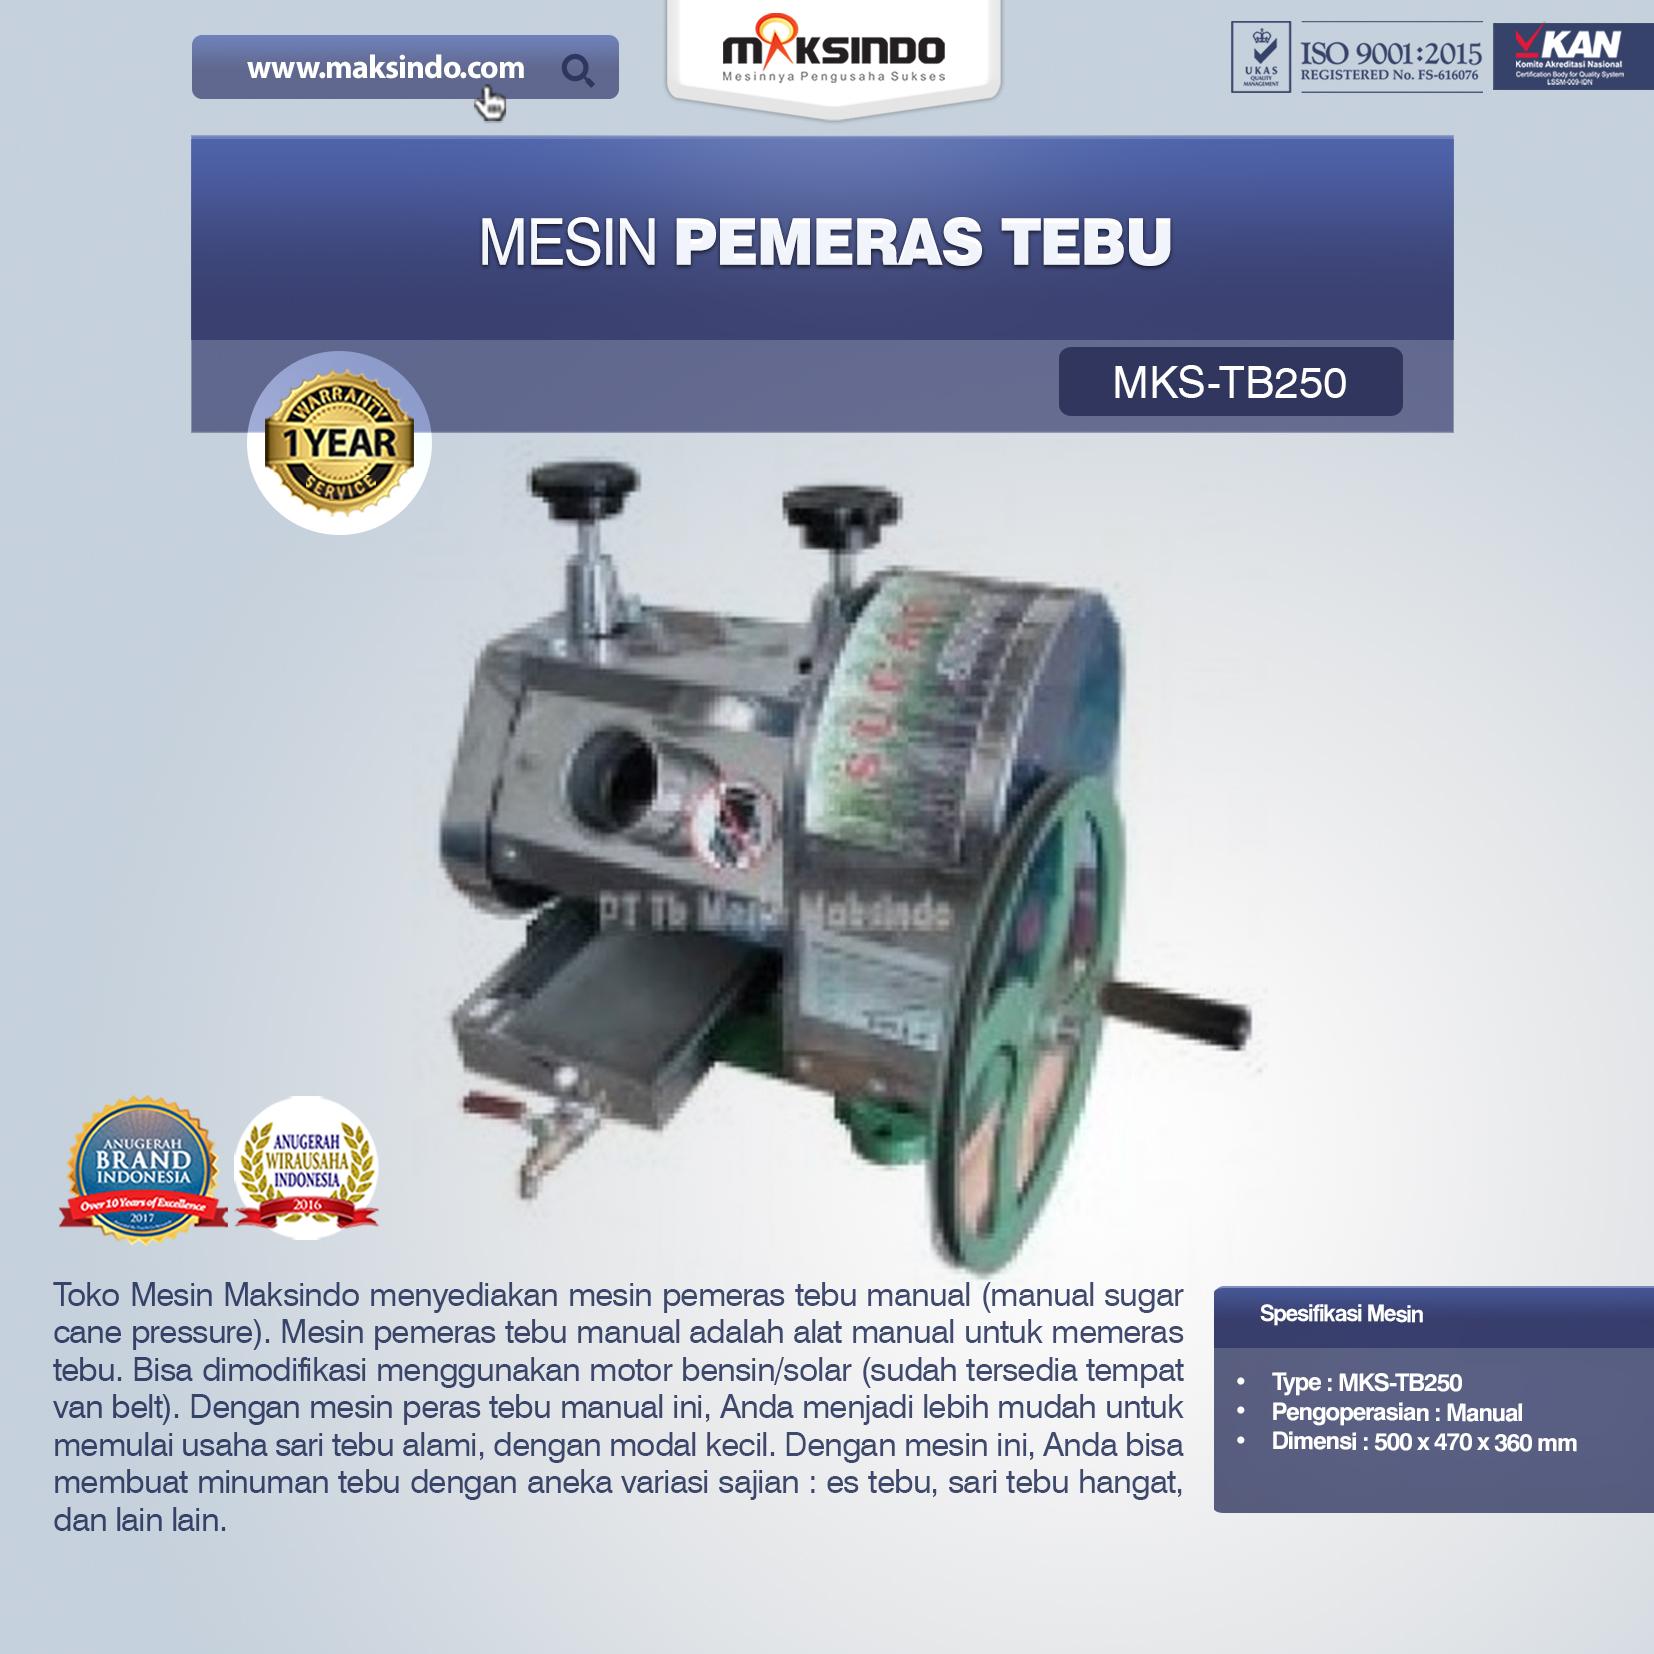 Mesin Pemeras Tebu (Giling Tebu)